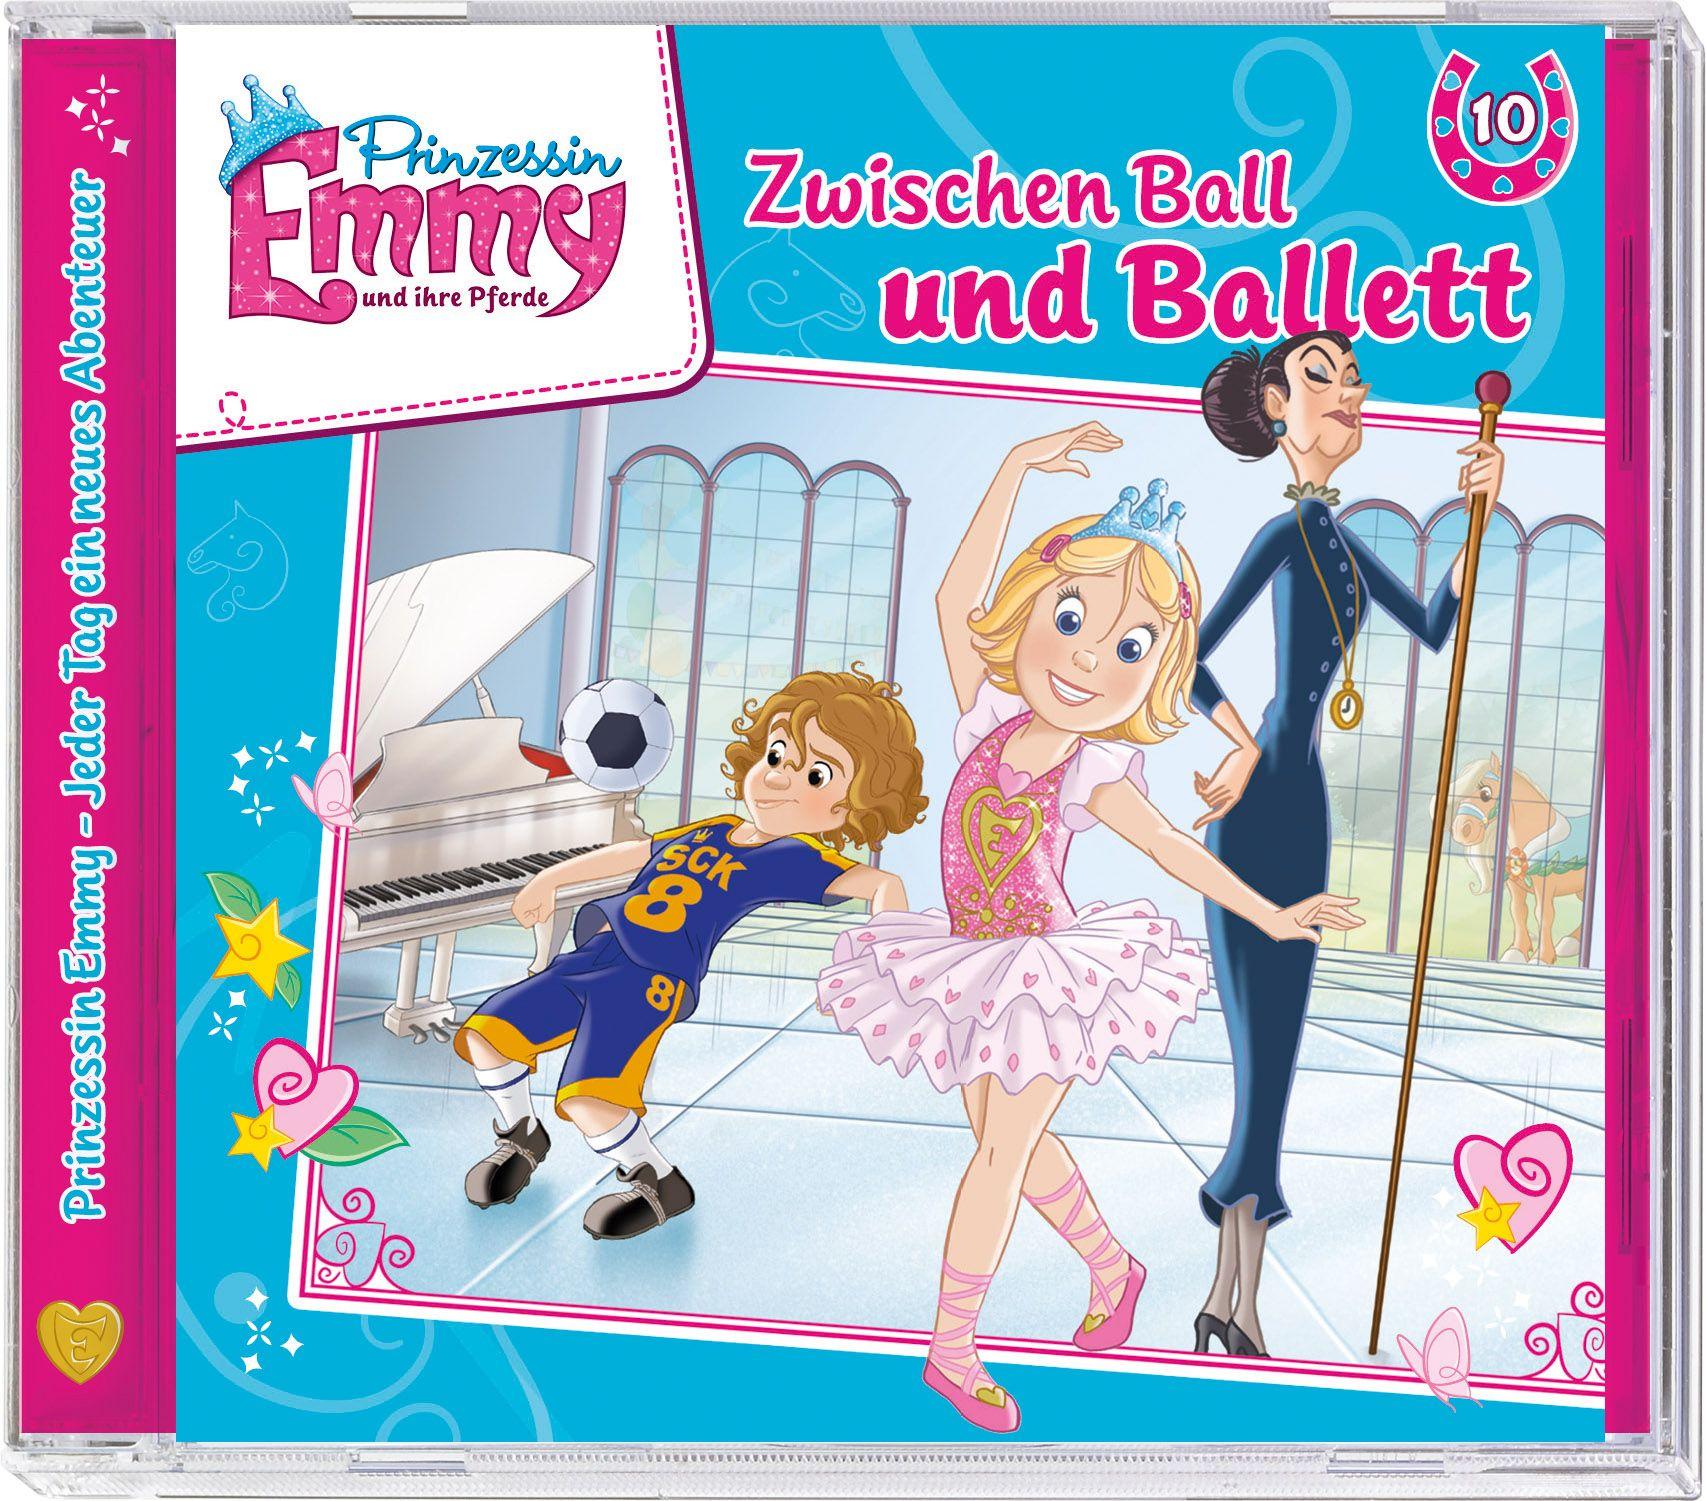 Prinzessin Emmy: Zwischen Ball und Ballett (Fol...